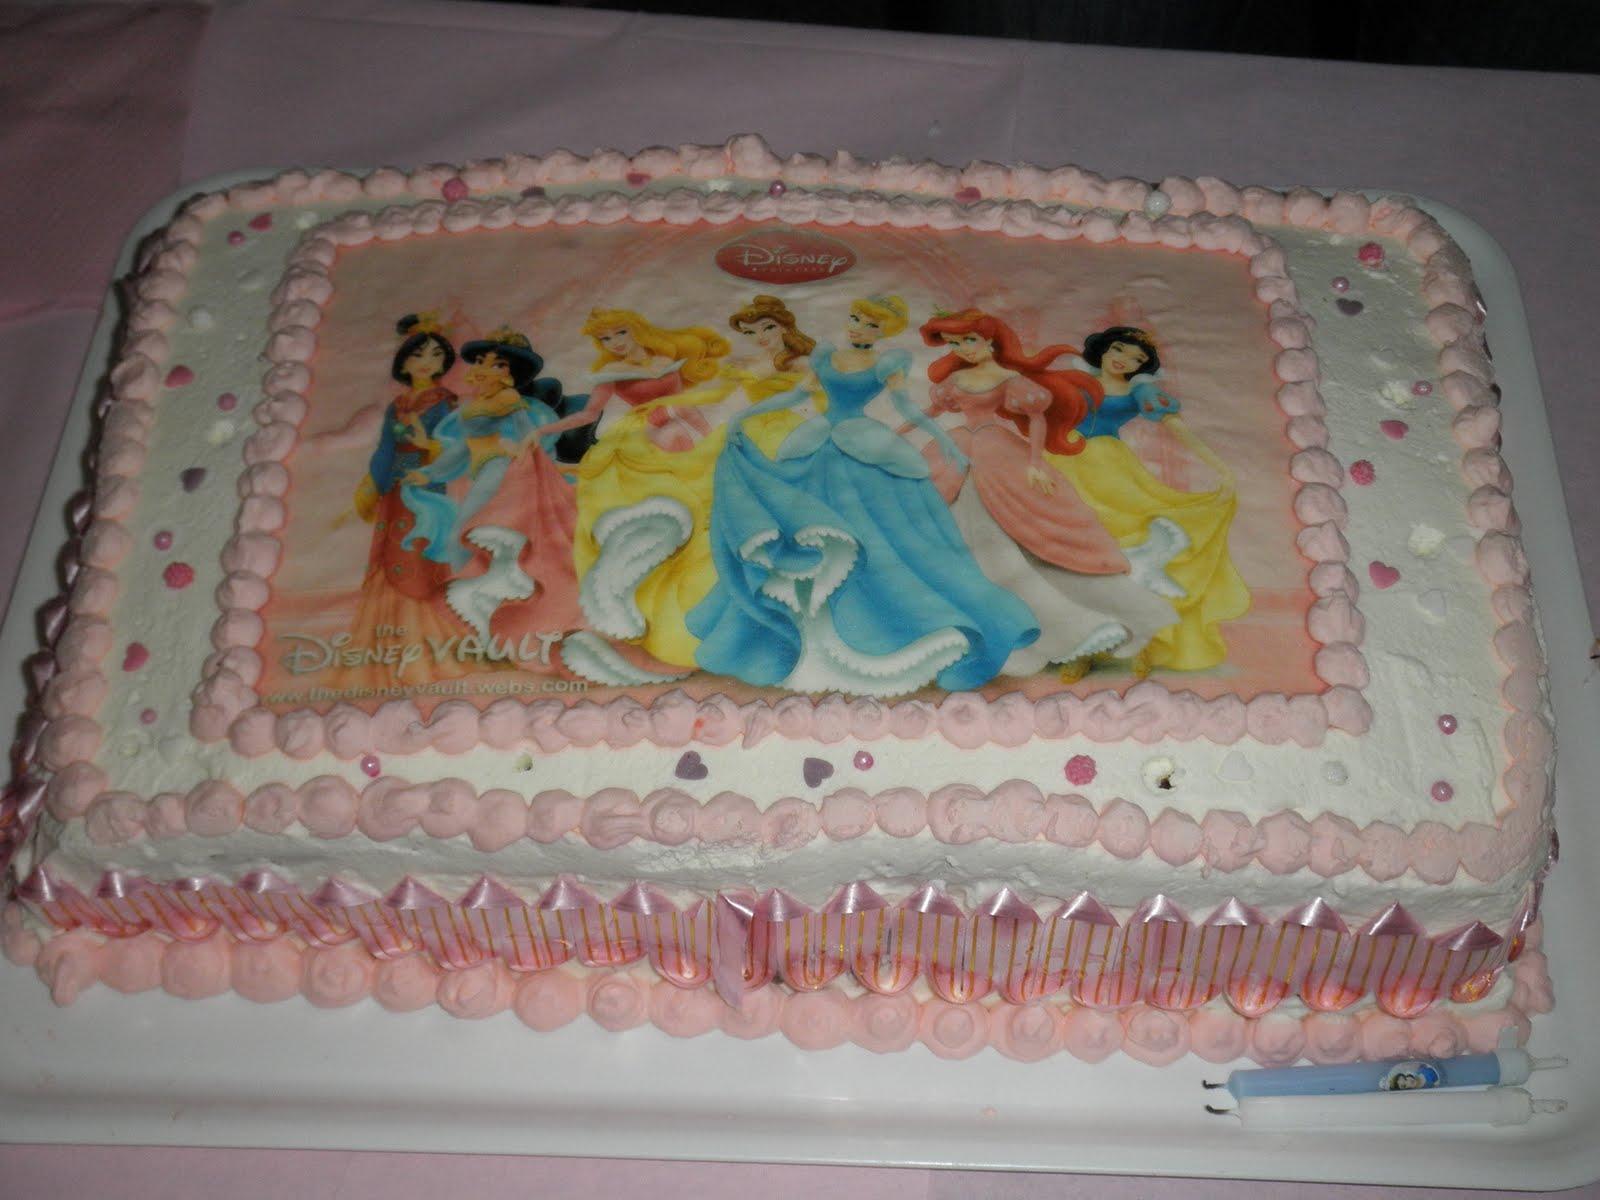 torte di principesse torta principesse : Resisto a tutto tranne alle tentazioni...: Torta